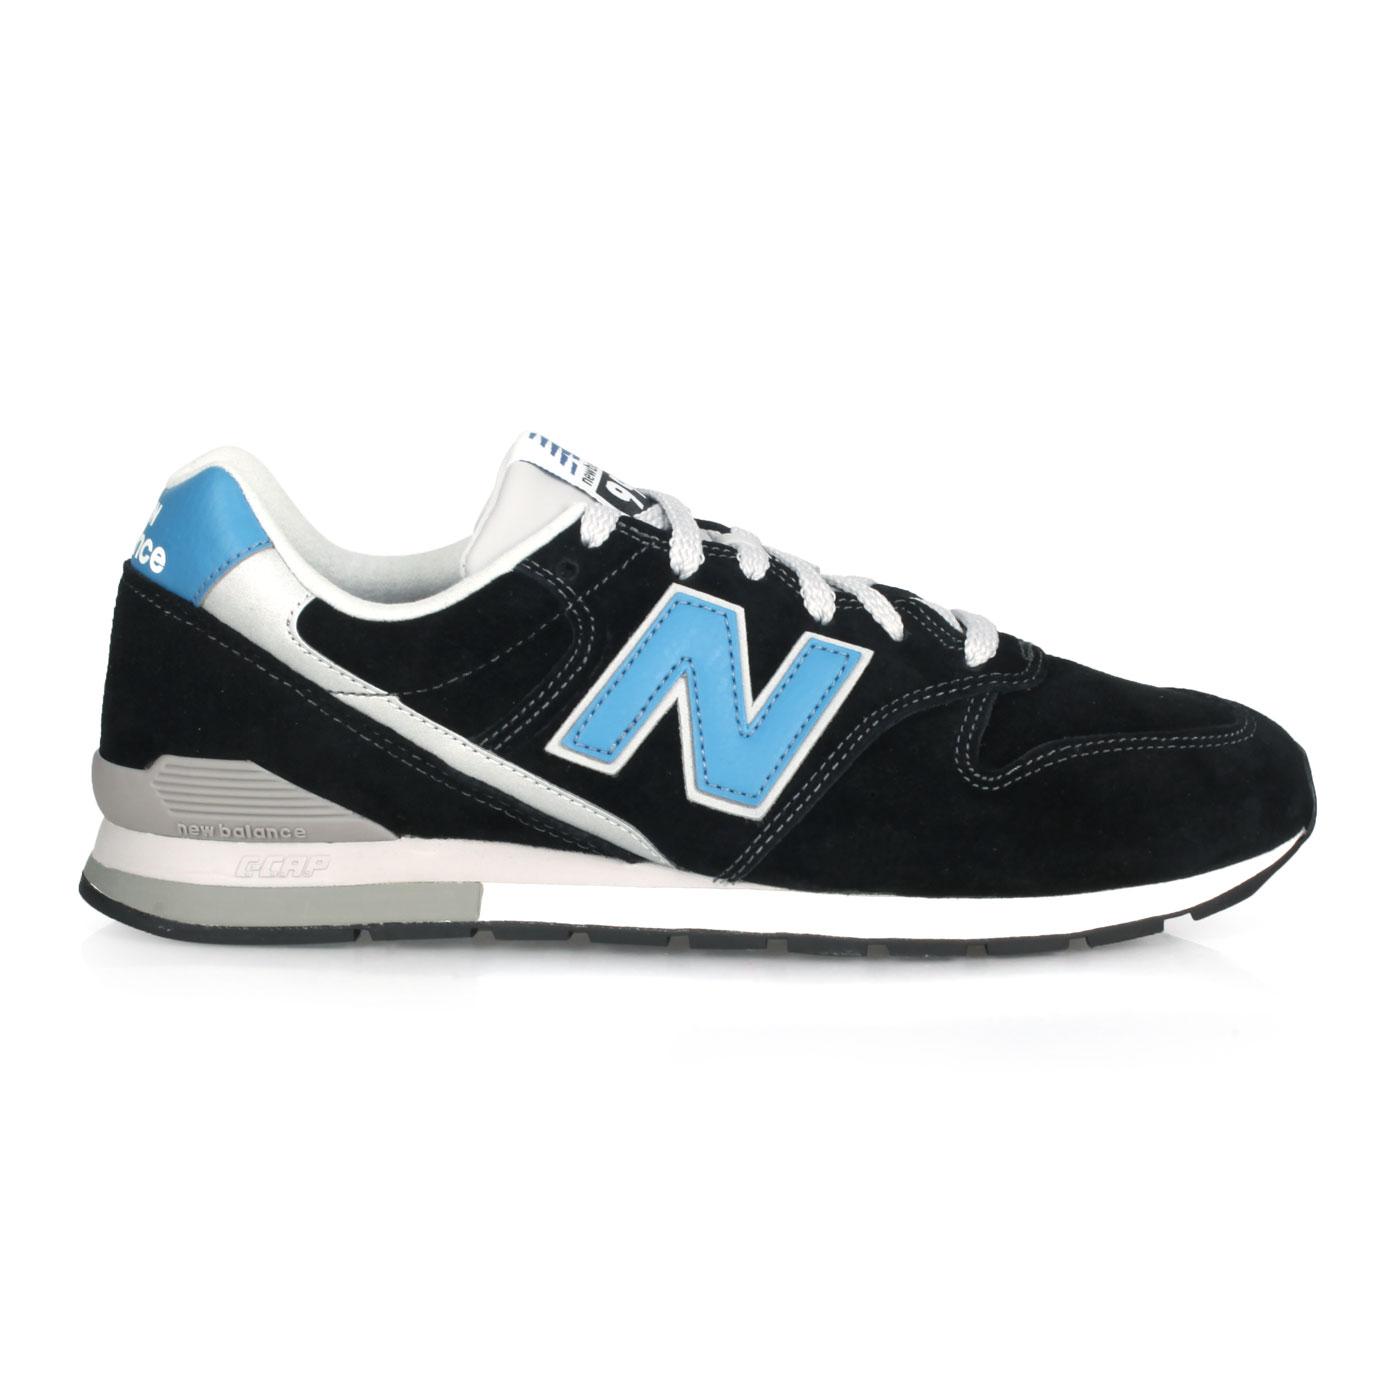 NEW BALANCE 男款復古慢跑鞋 CM996PSB - 黑藍銀